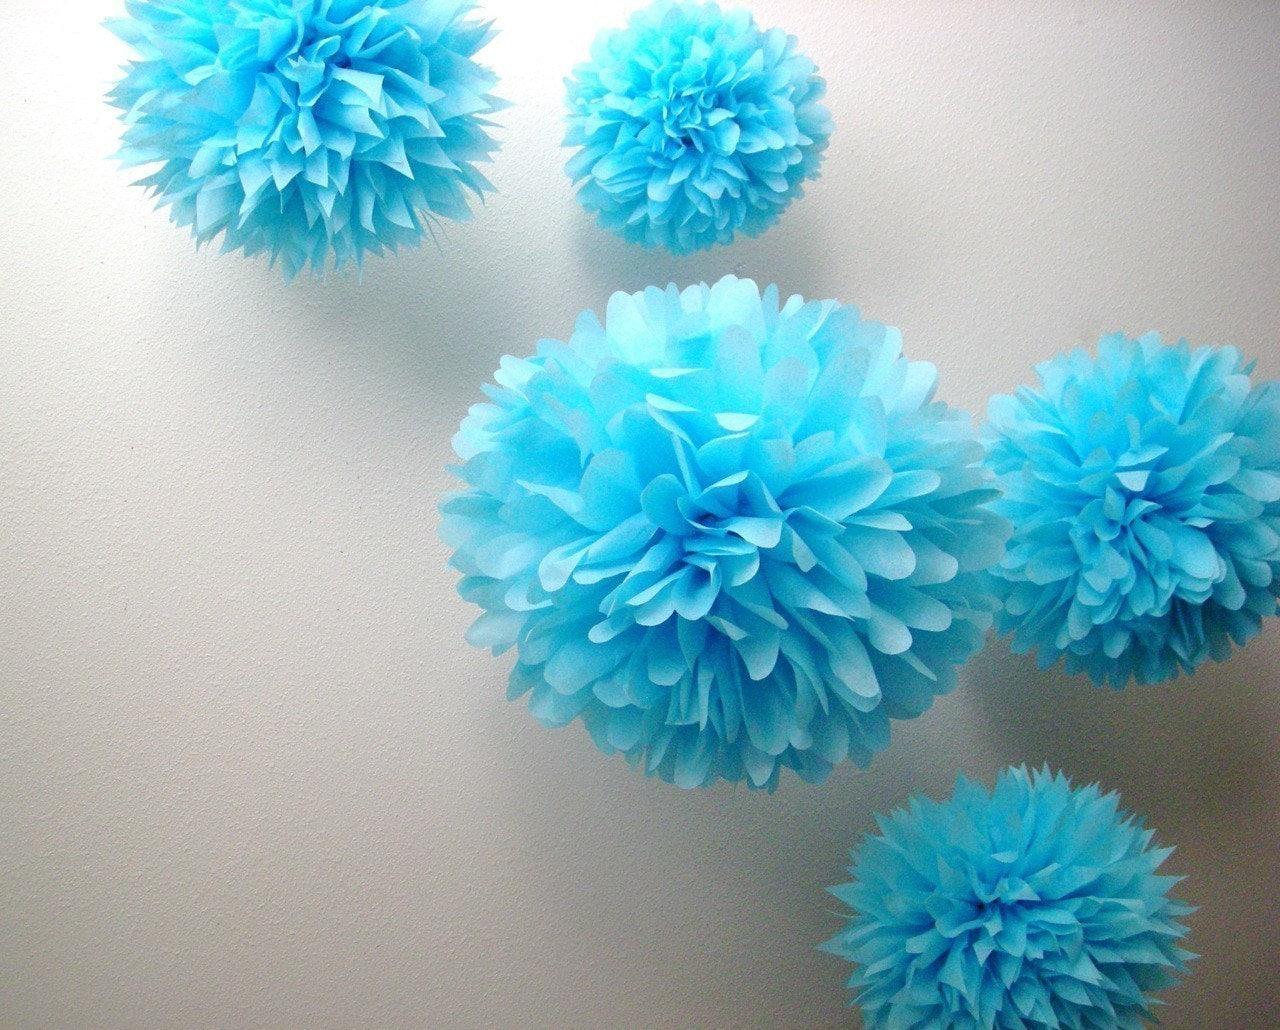 Dreamy blue 5 tissue paper pom poms wedding decorations for Pom pom room decor